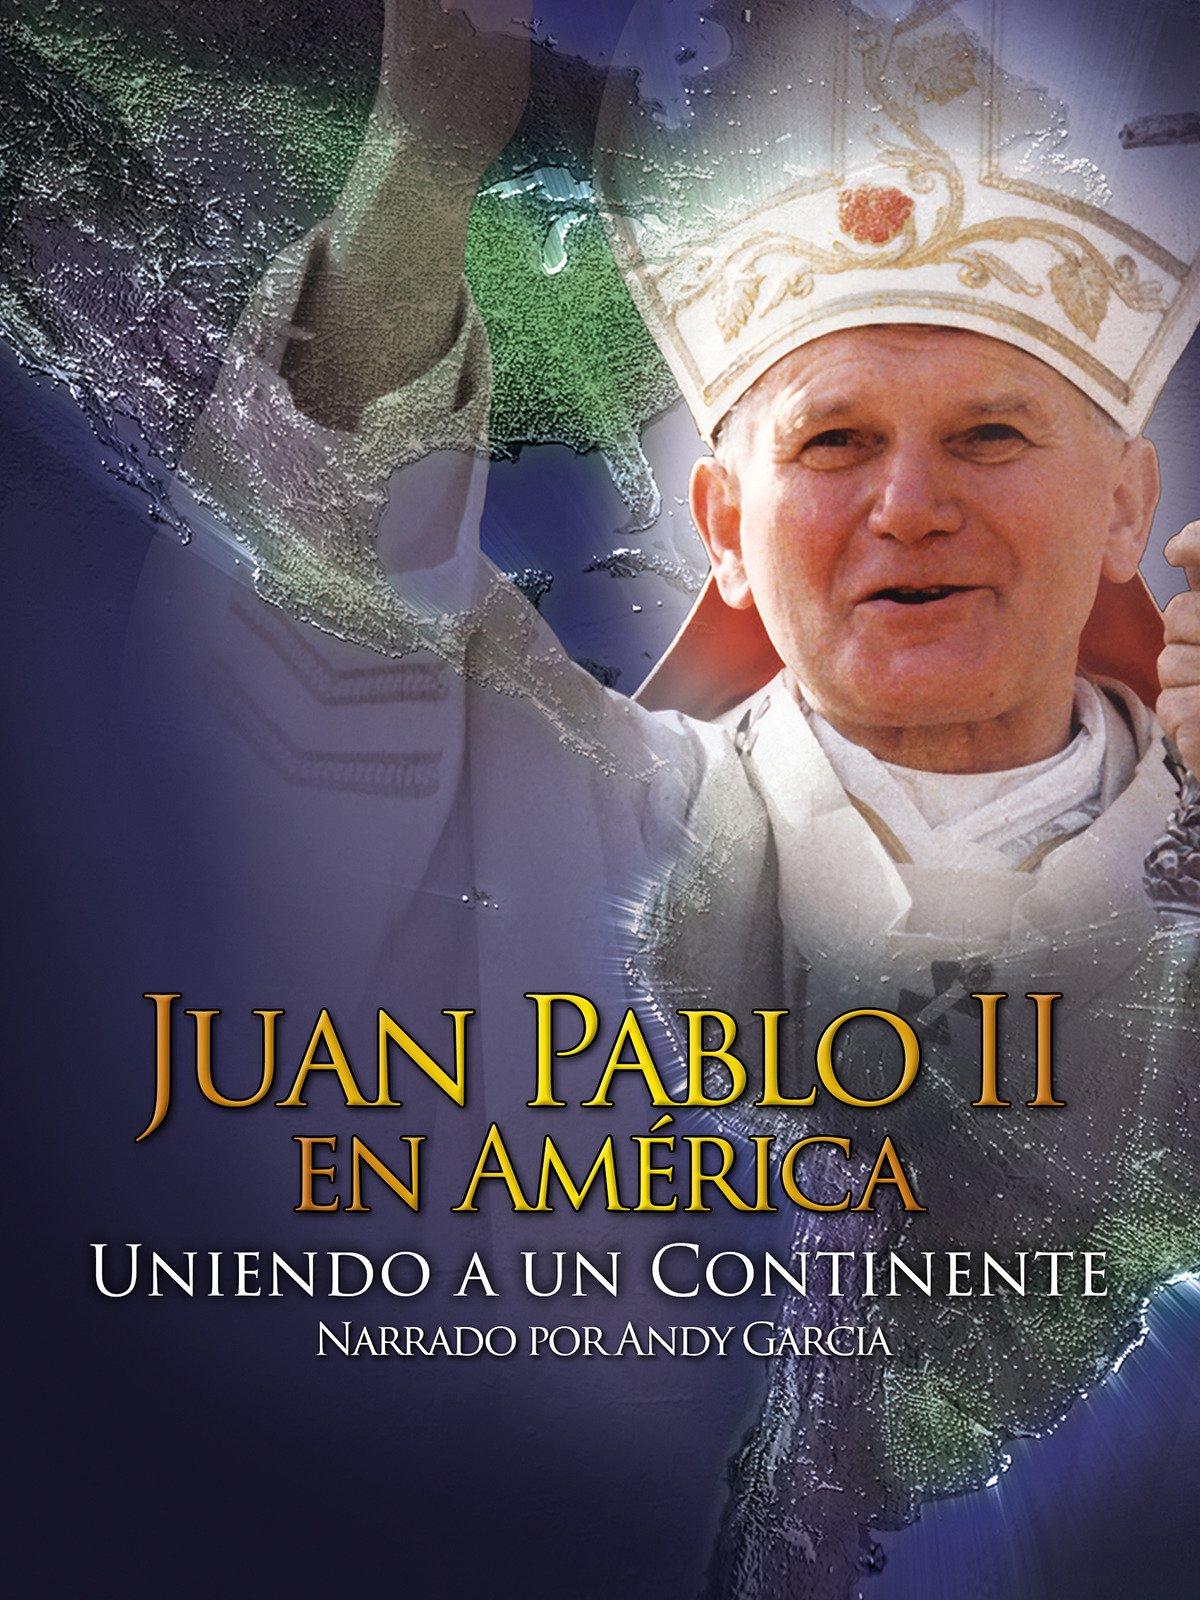 Juan Pablo II en América: Uniendo un Continente